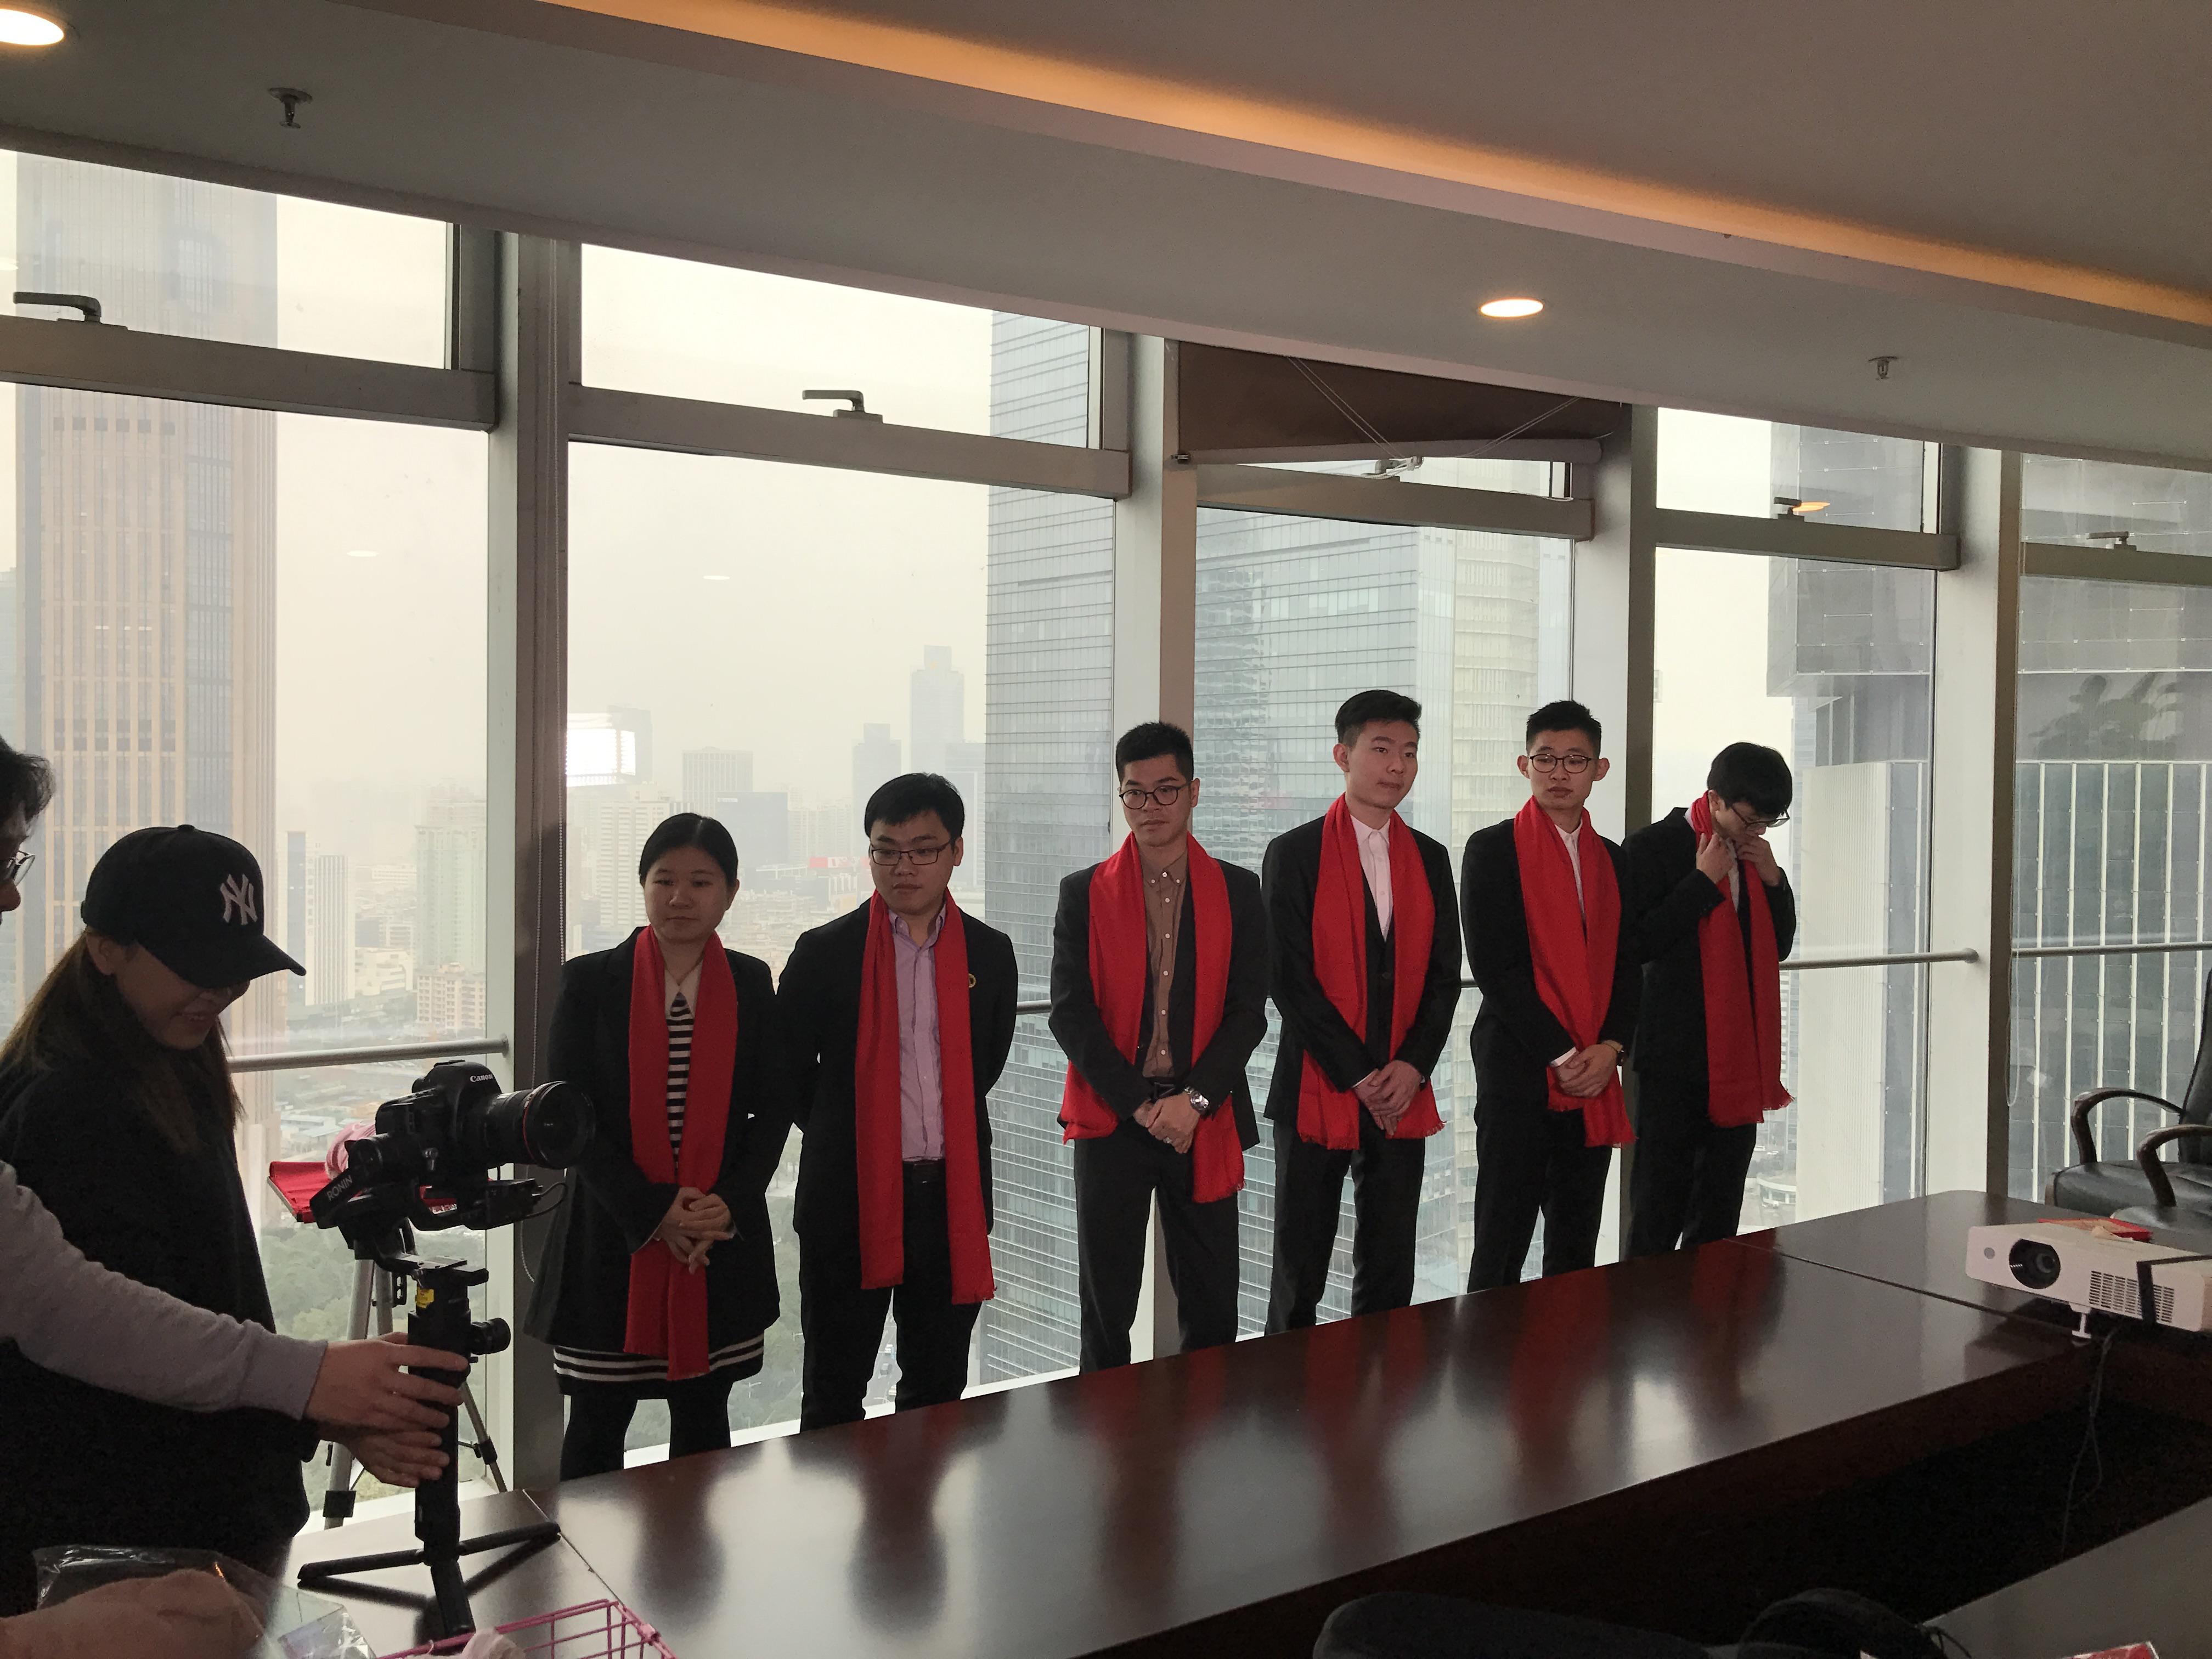 马俊哲律师团队进行贺岁片拍摄2